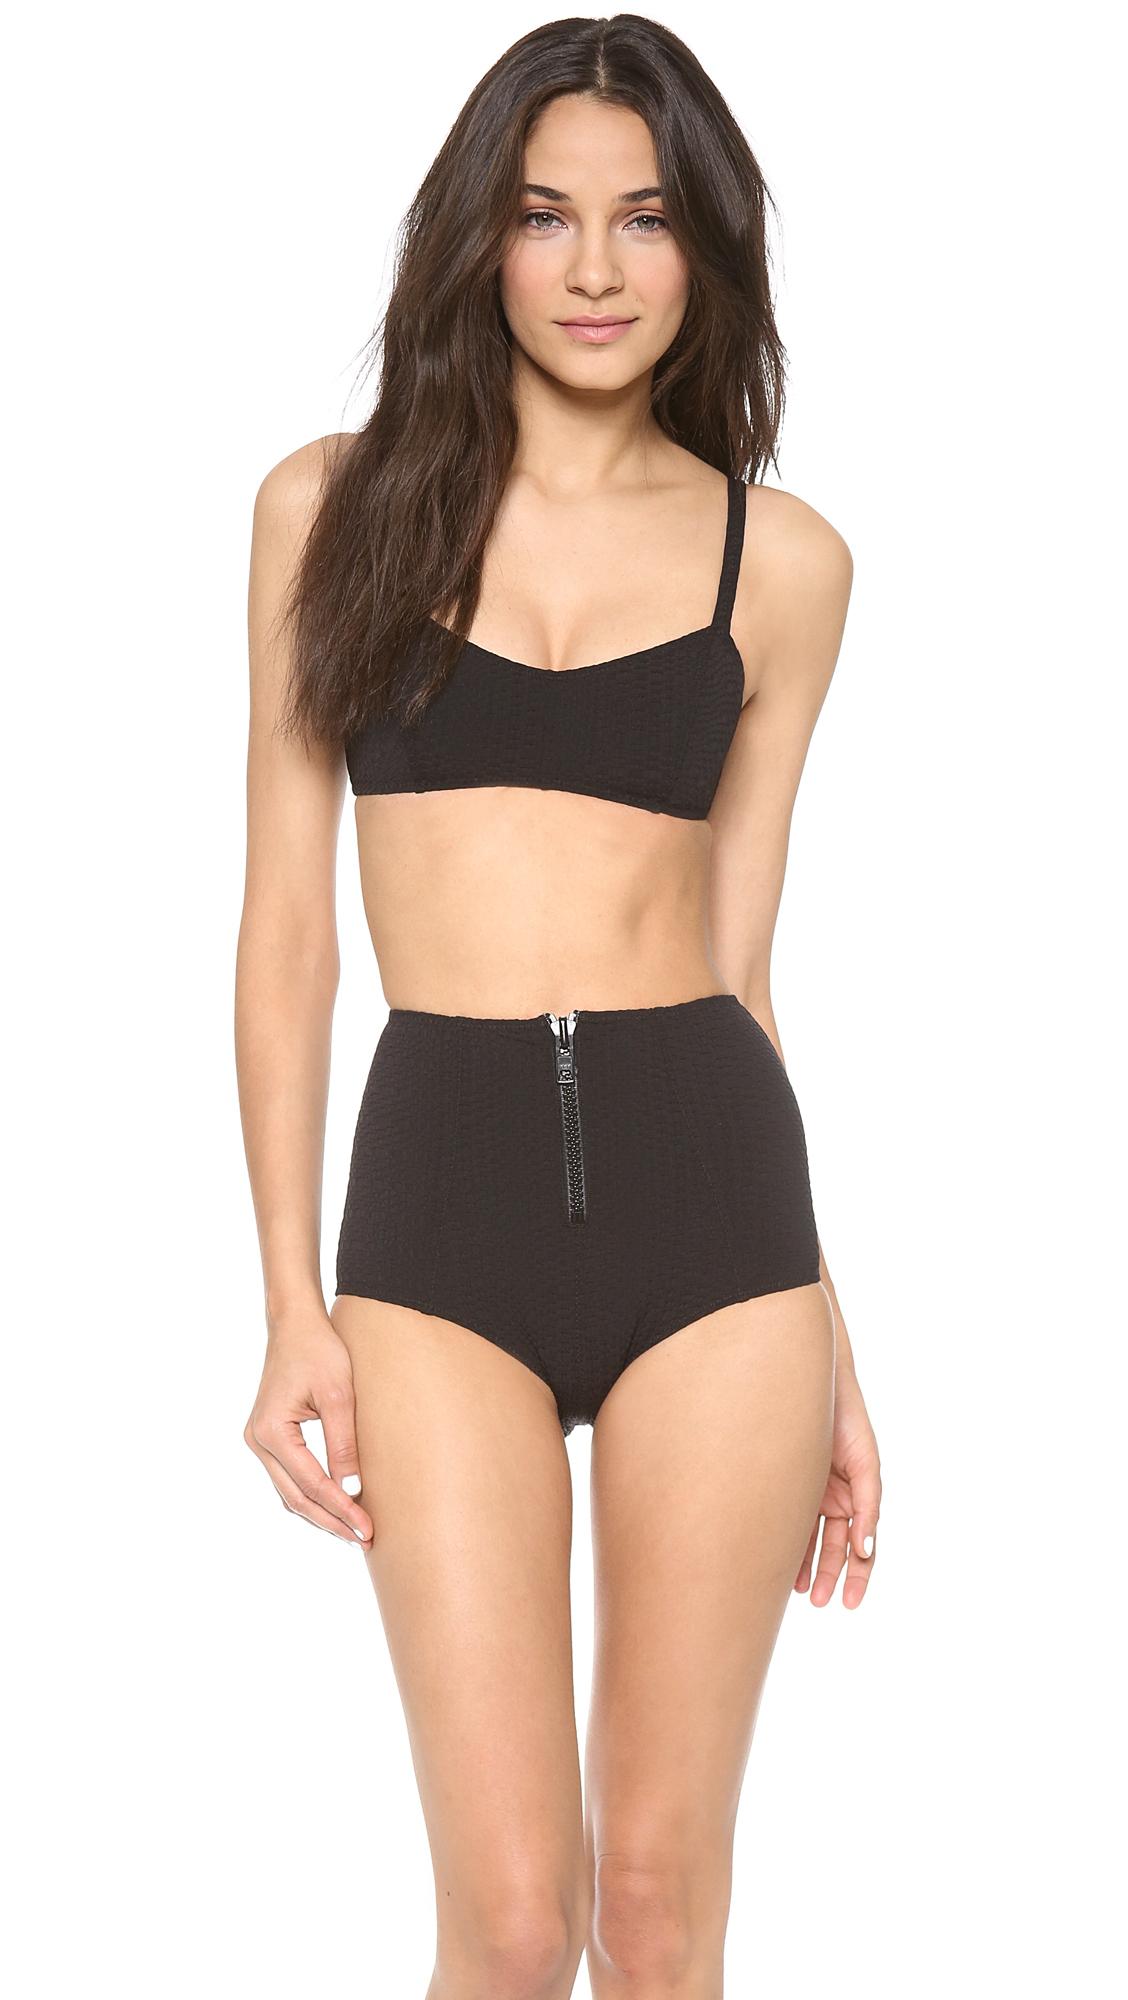 1134490466c20 Lisa Marie Fernandez Genevieve Zip High Waist Bikini Set Black ...